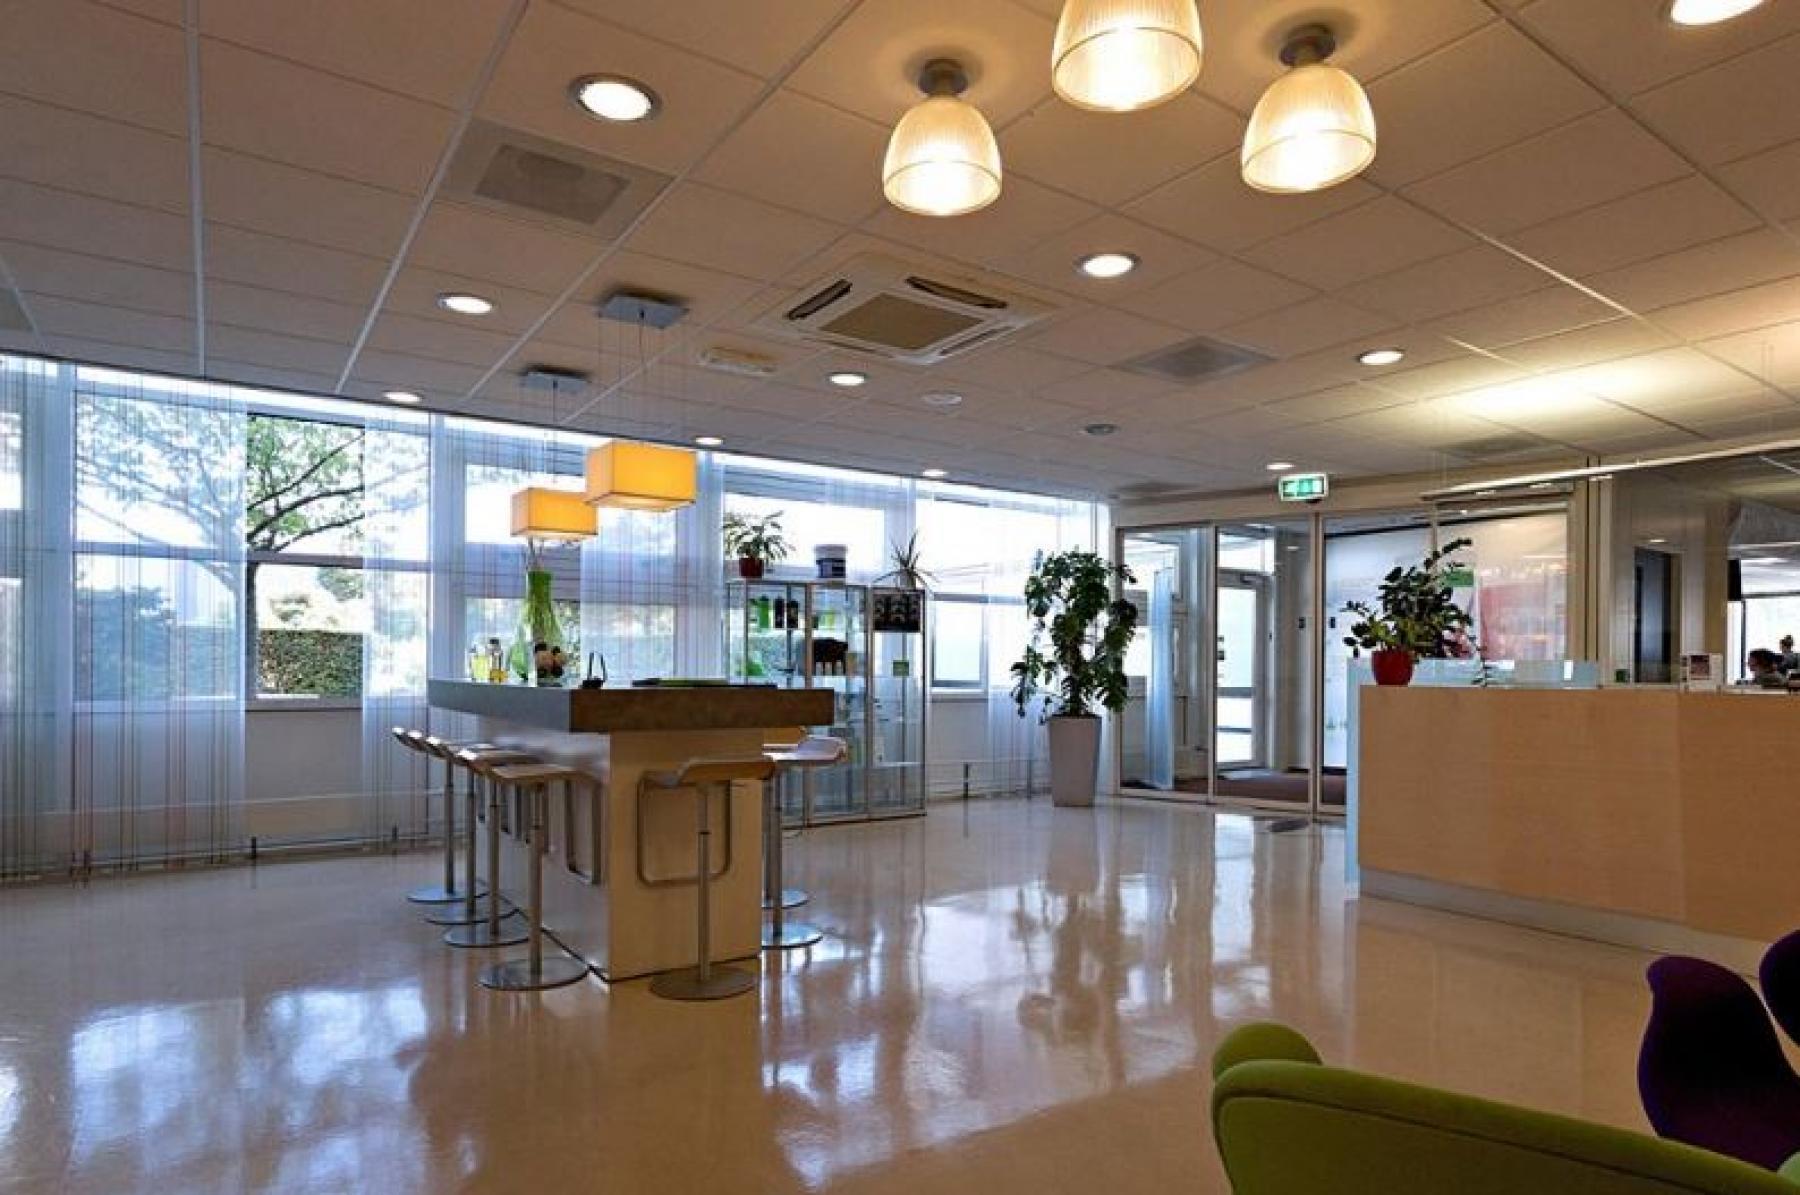 gemeenschappelijke ruimte receptiebalie lunchtafel tafel barkrukken loungeplekken utrecht kantoorgebouw